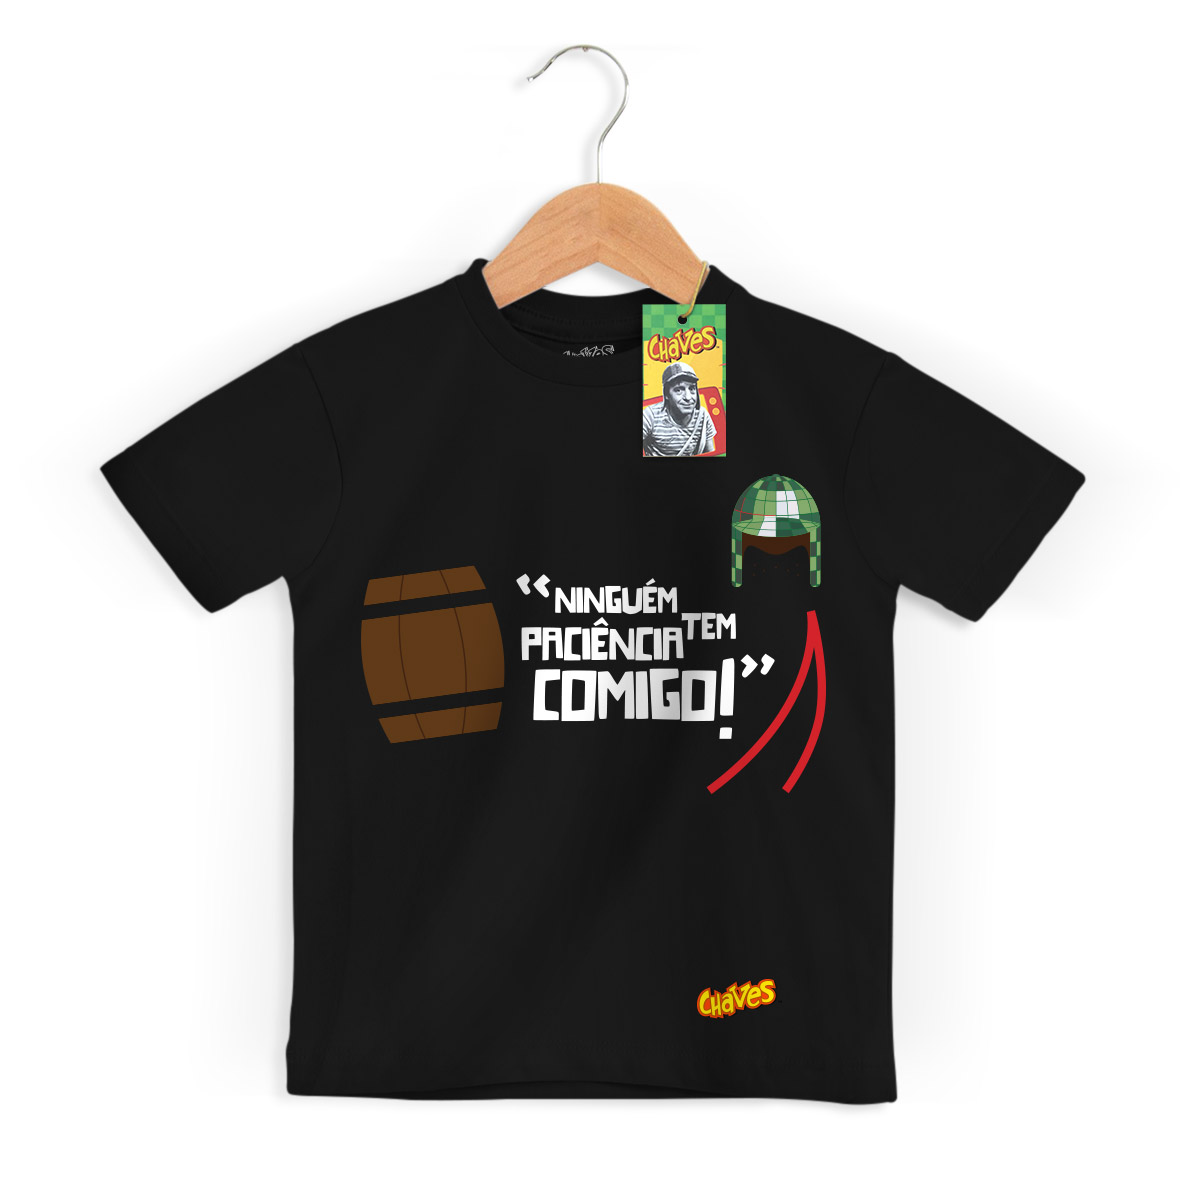 Camiseta Infantil Chaves Ningu�m Tem Paci�ncia Comigo! 3